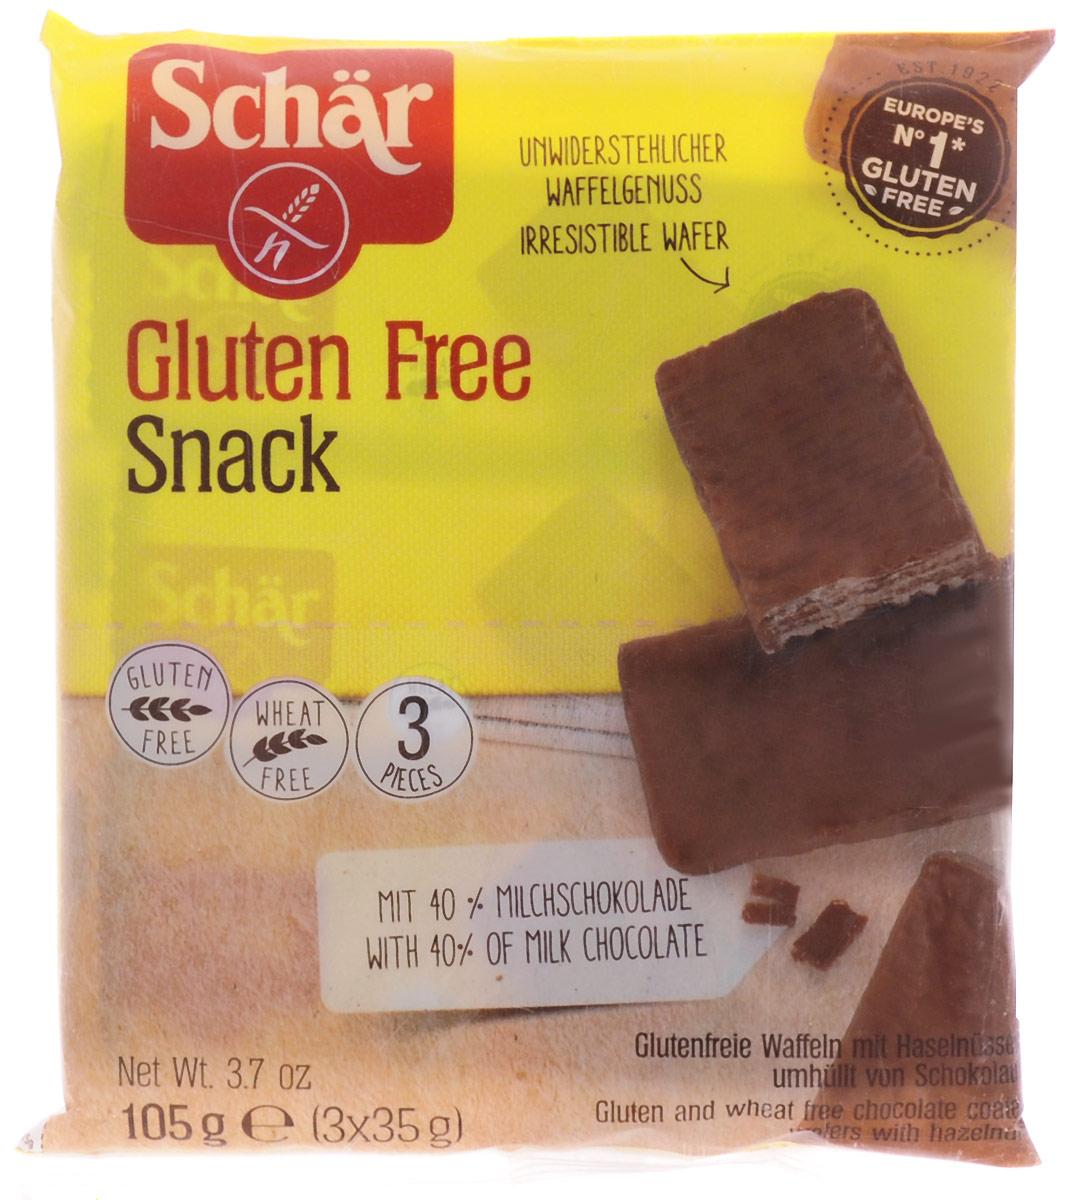 """Dr. Schar Snack Вафли в шоколаде с орехами, 3 шт по 35 г8008698005286Вафли Snack от Dr. Schar - хрустящие вафли с начинкой из орехового крема, покрытые шоколадом - отличный заряд энергии! Рекомендуются для профилактики и лечения пищевой аллергии, больных целиакией (непереносимость растительного белка) и людей, соблюдающих безглютеновую диету. Продукт произведен из экологически чистого сырья, с соблюдением строгих технологических требований и экологических стандартов Европейского союза, отмечен международным значком """"Gluten free""""."""